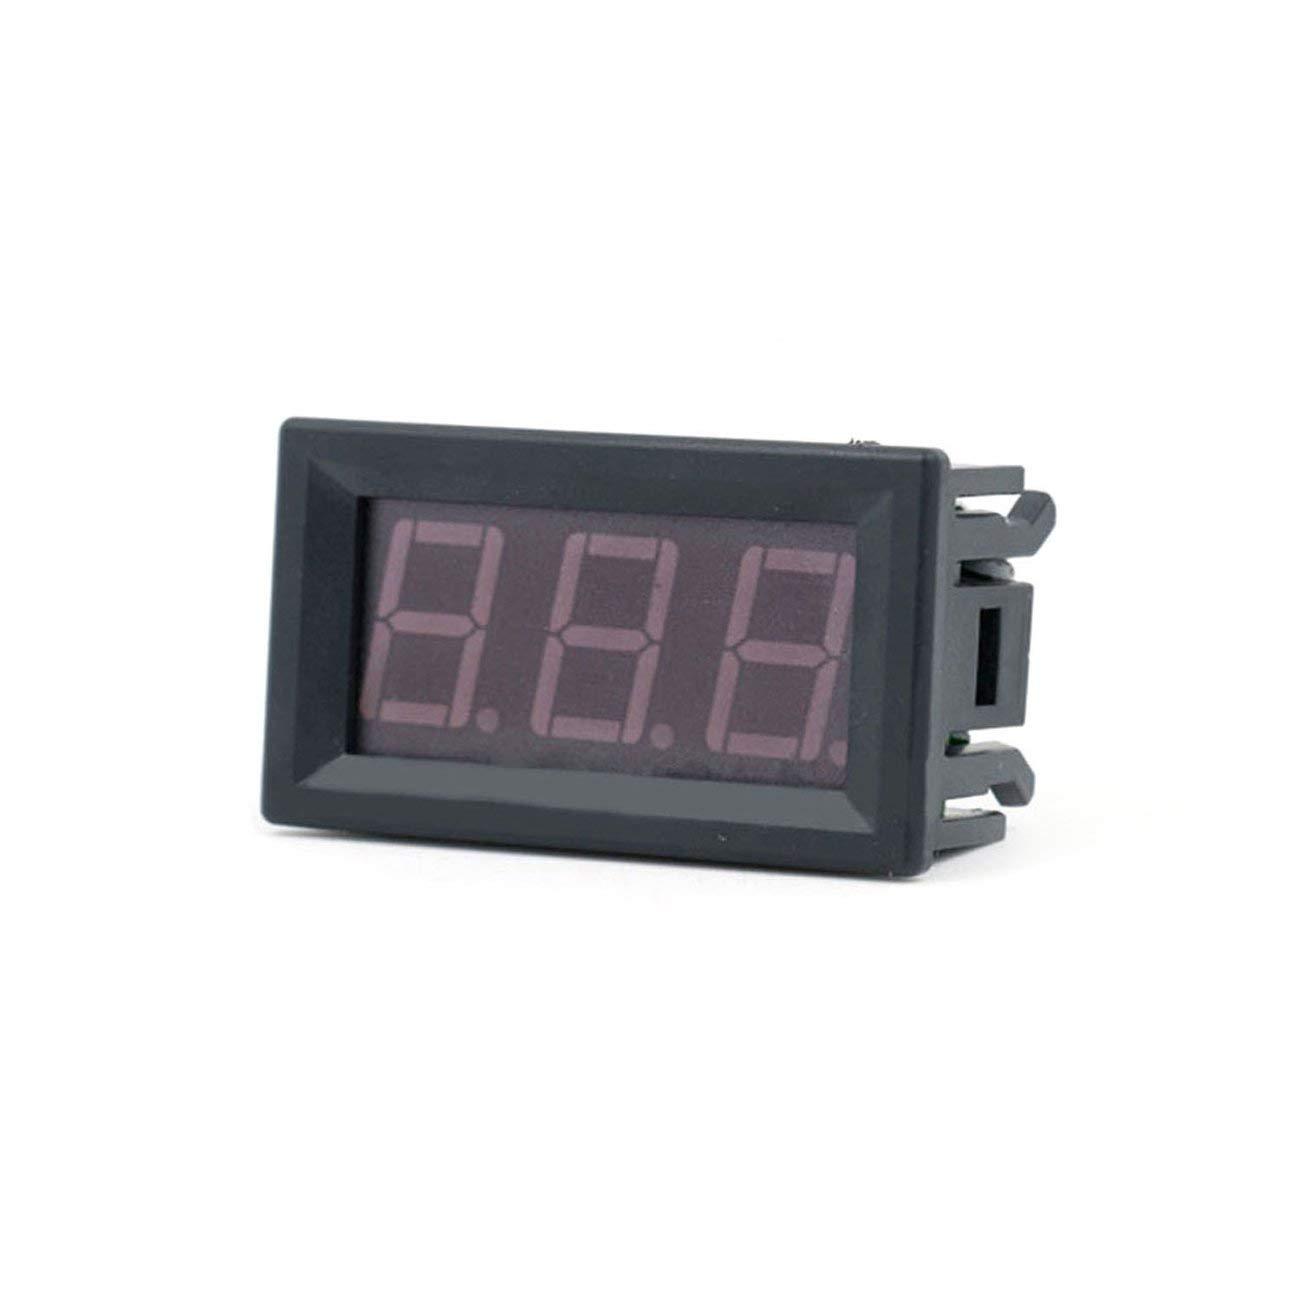 DC4.5V-30.0V 0.56in 2 Alambre LED Pantalla Digital Volt/ímetro Medidor de Voltaje El/éctrico Volt Tester para Auto Bater/ía Motocicleta Rojo Rojo